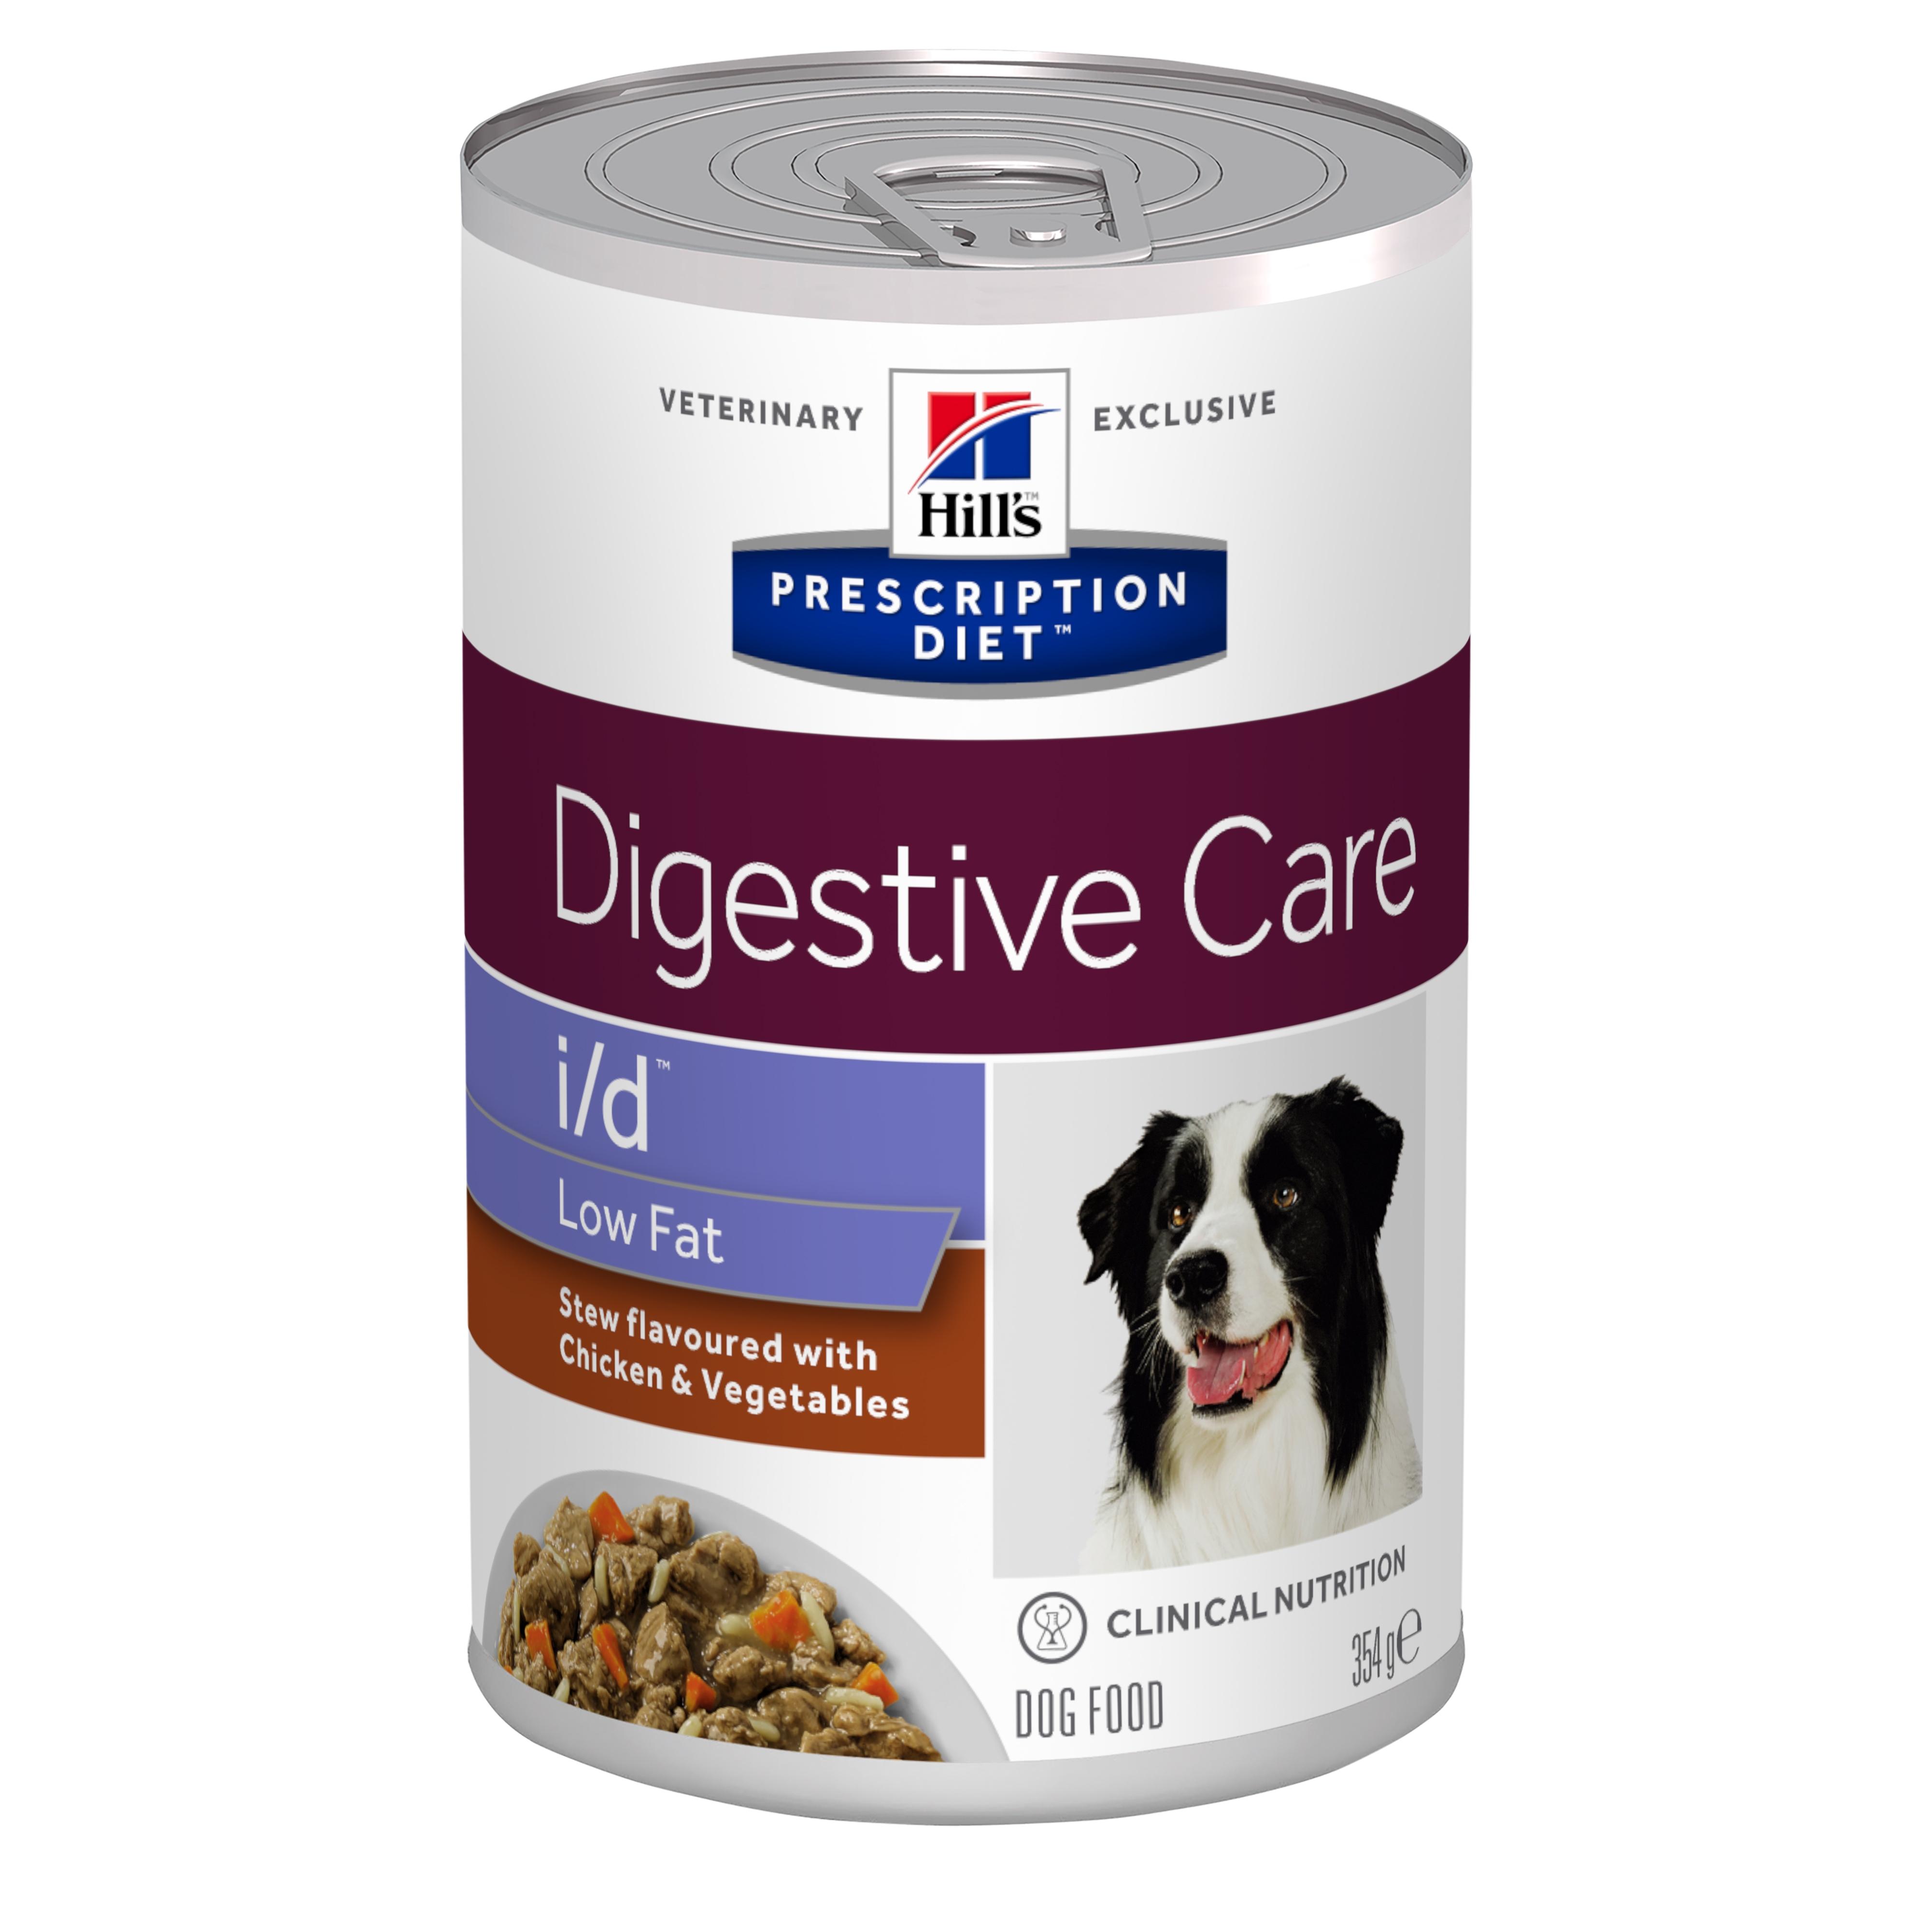 Hill's PD i/d Low Fat Digestive Care hrana pentru caini cu pui si legume, 354 g imagine